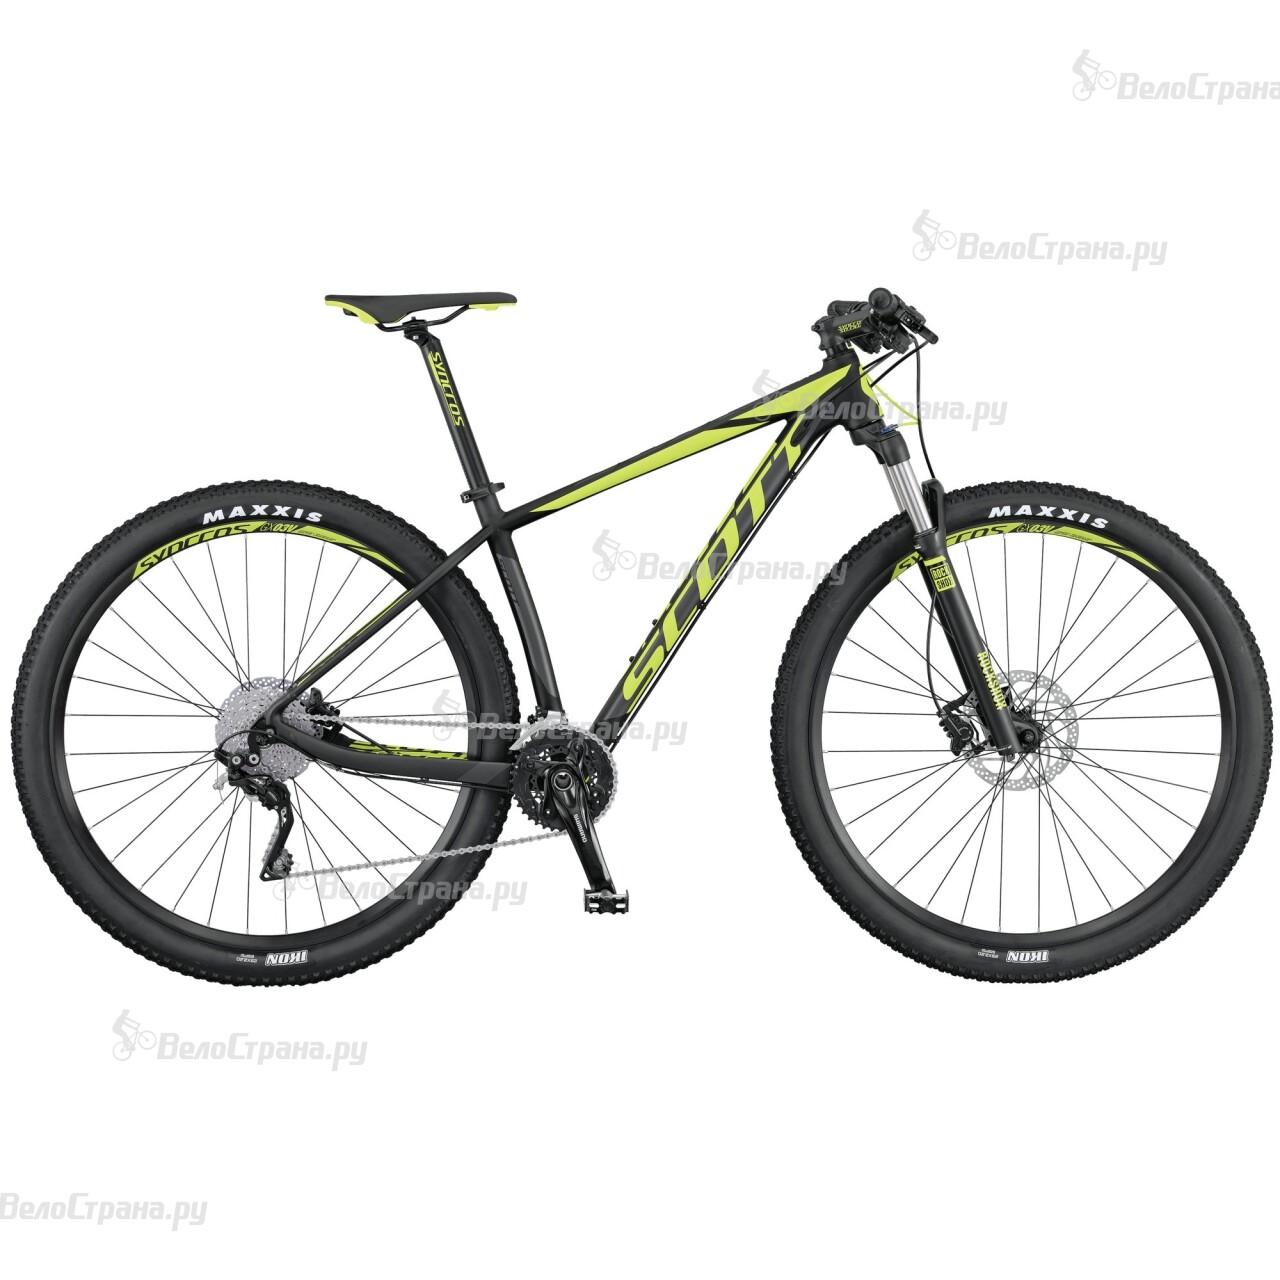 Велосипед Scott Scale 960 (2016) велосипед scott scale junior 26 2016